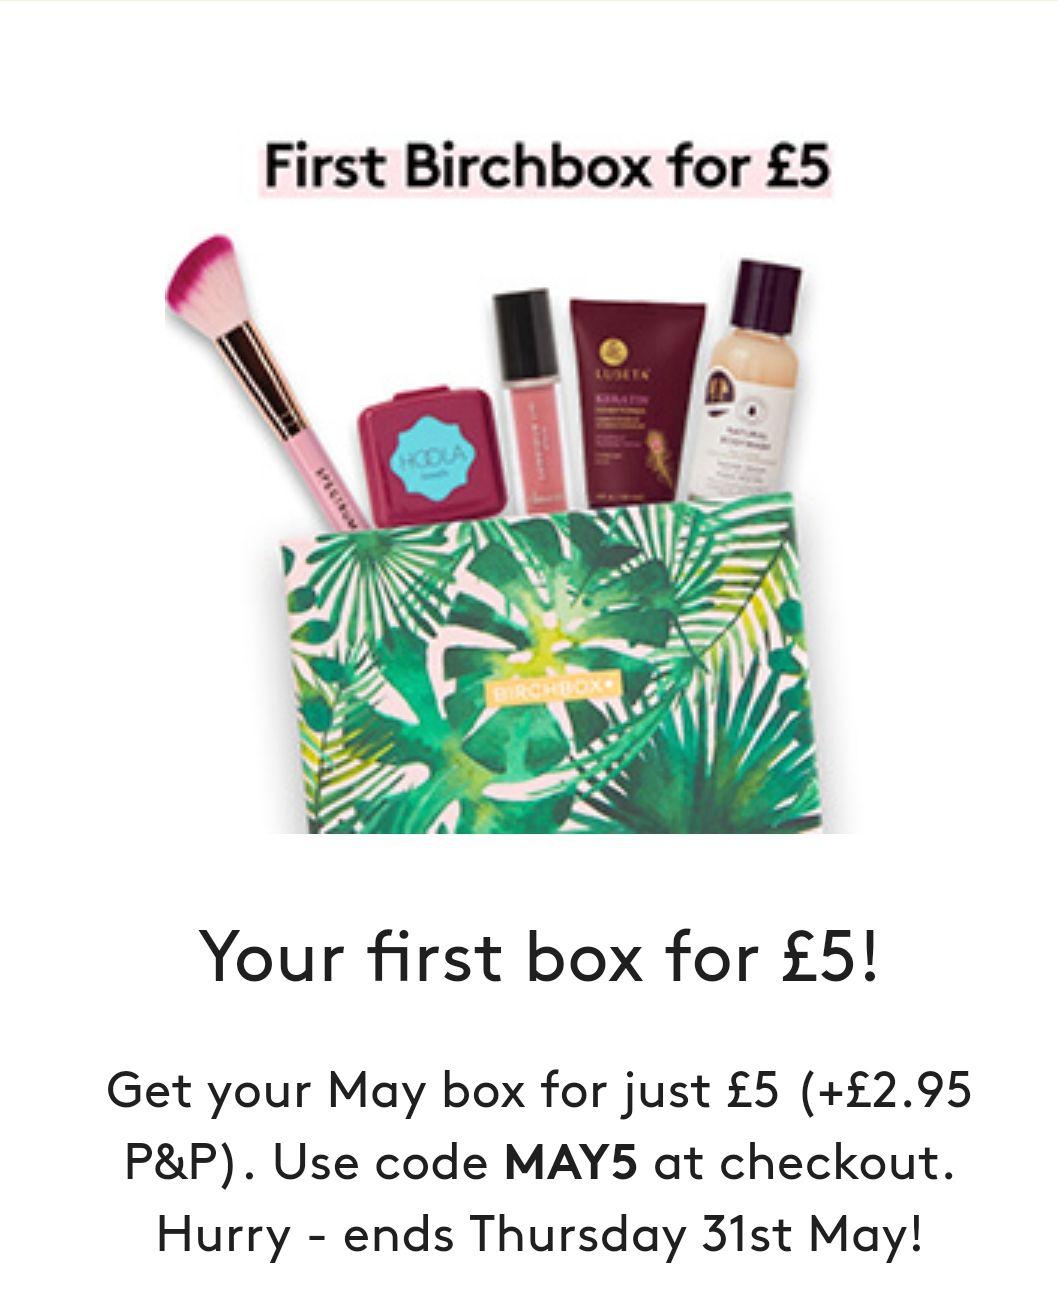 £5 off first Birchbox